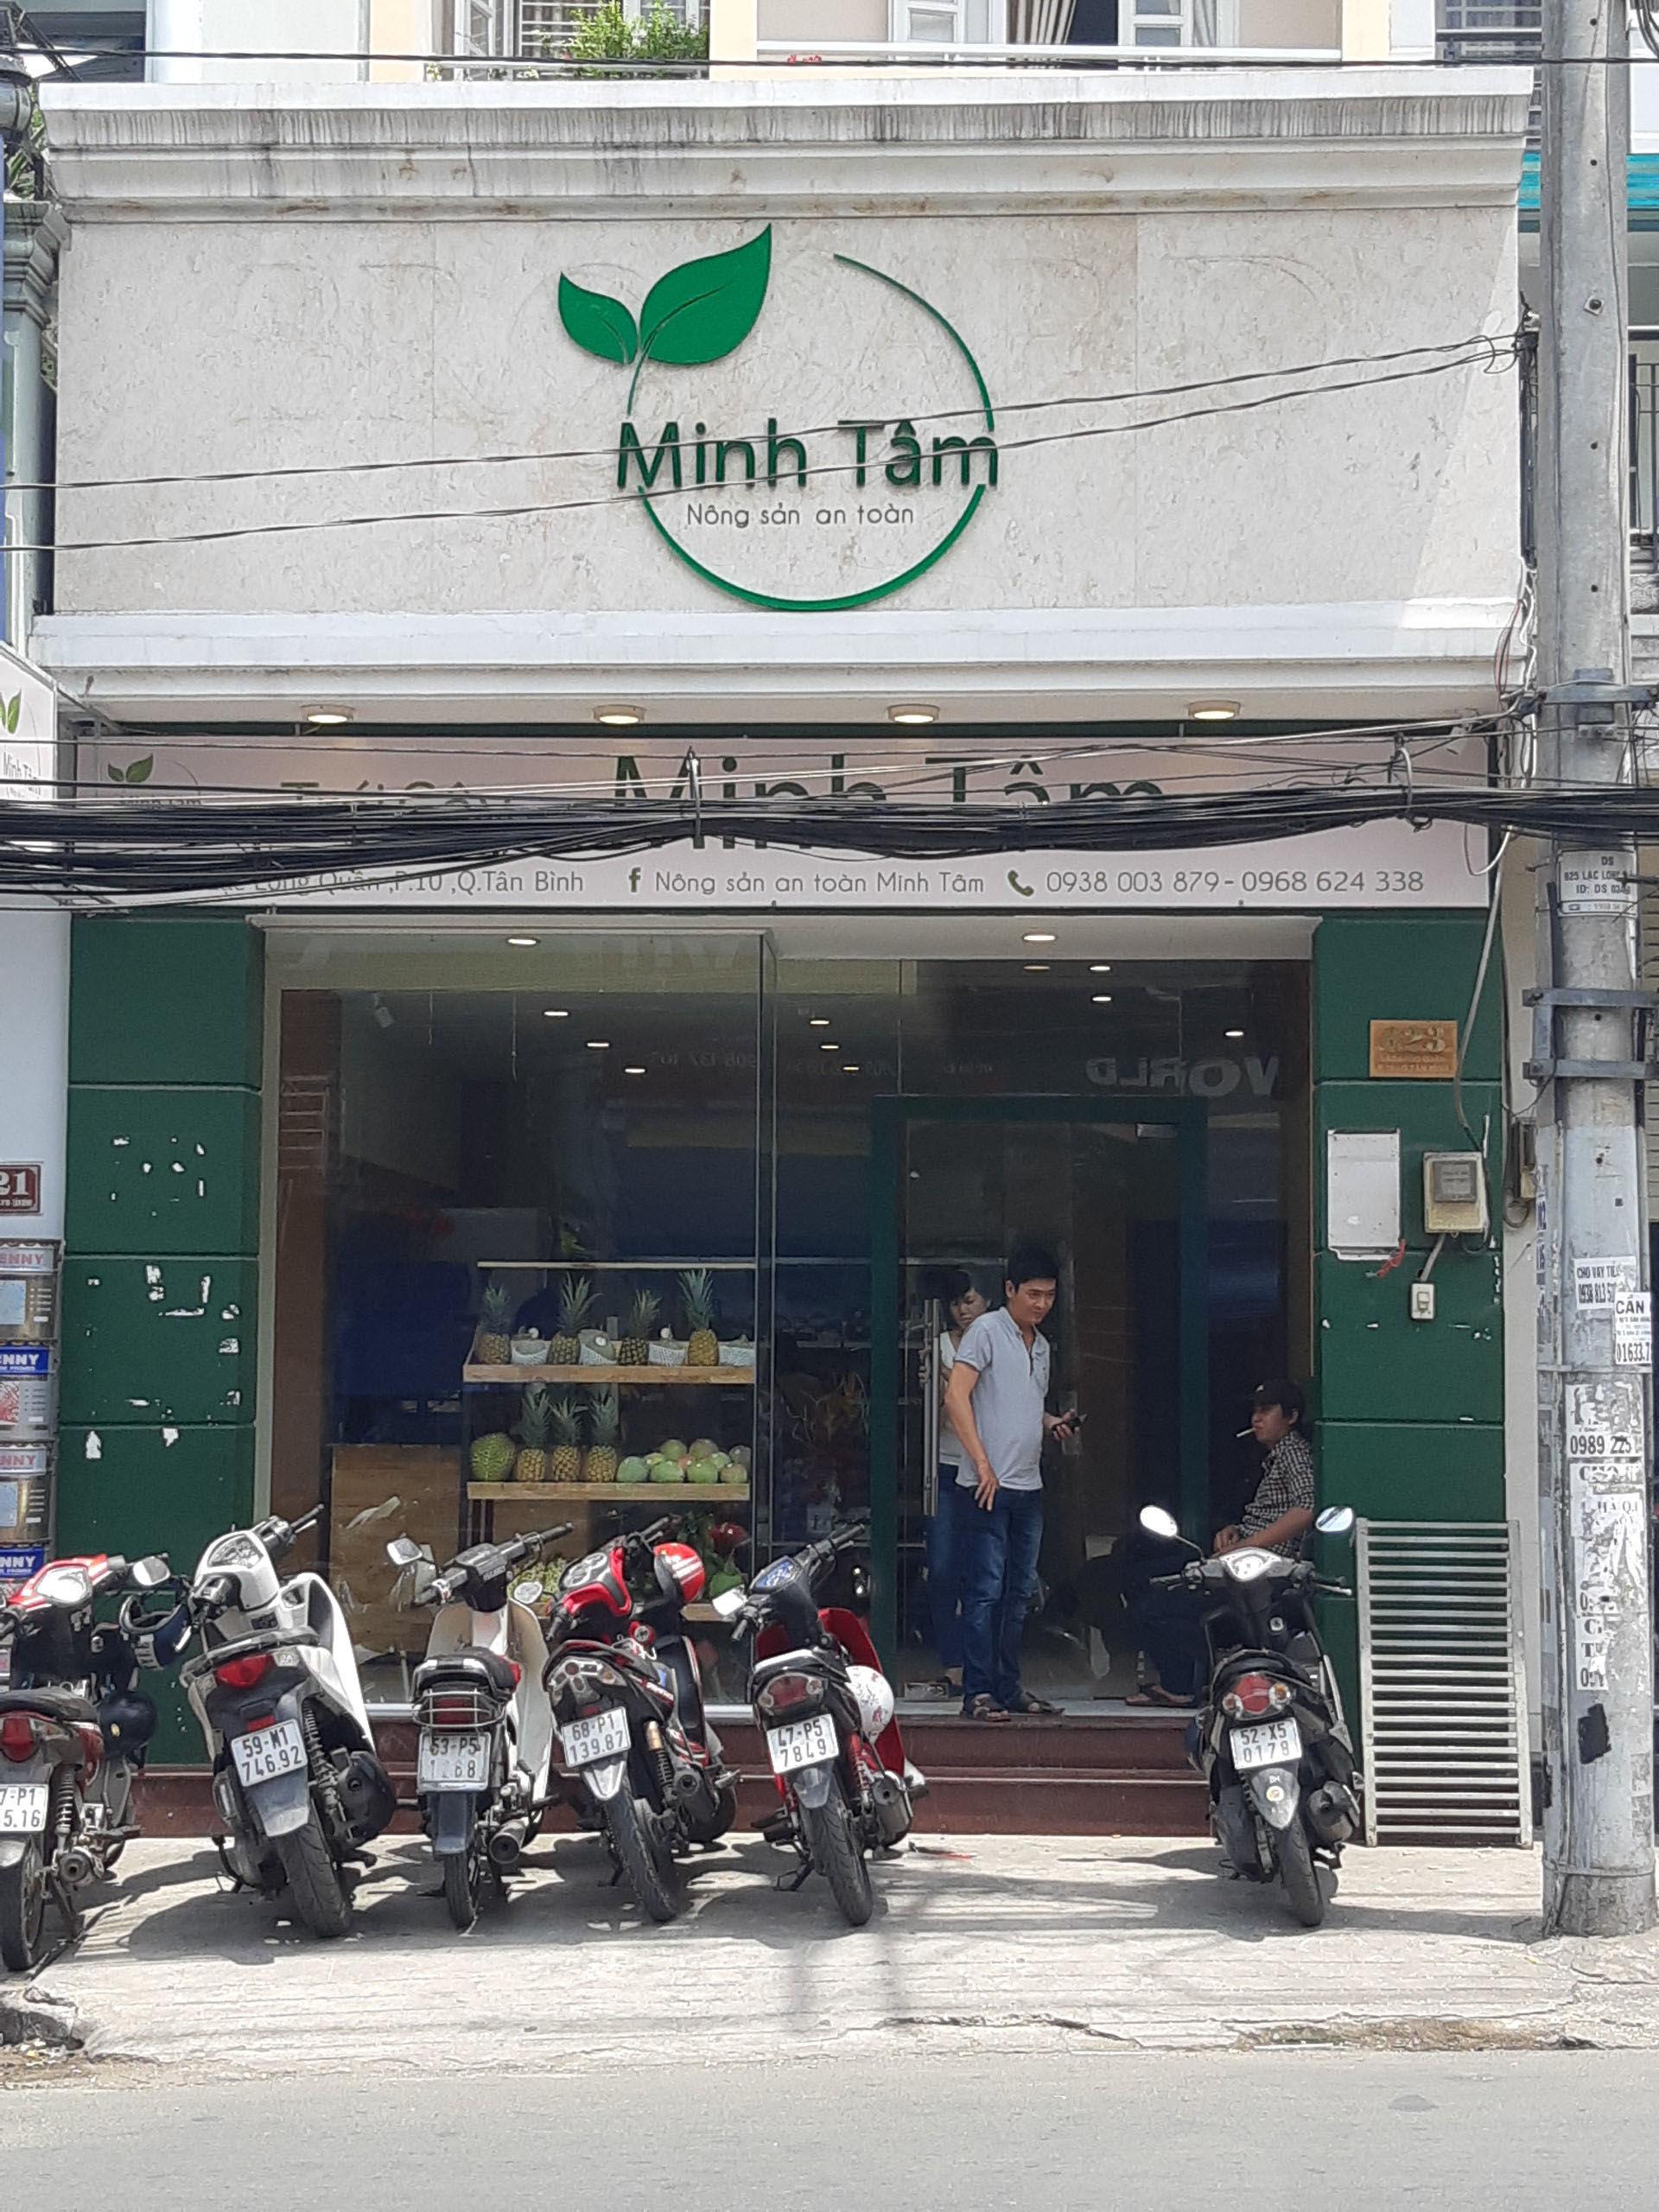 Công ty TNHH Nông Sản An Toàn Minh Tâm